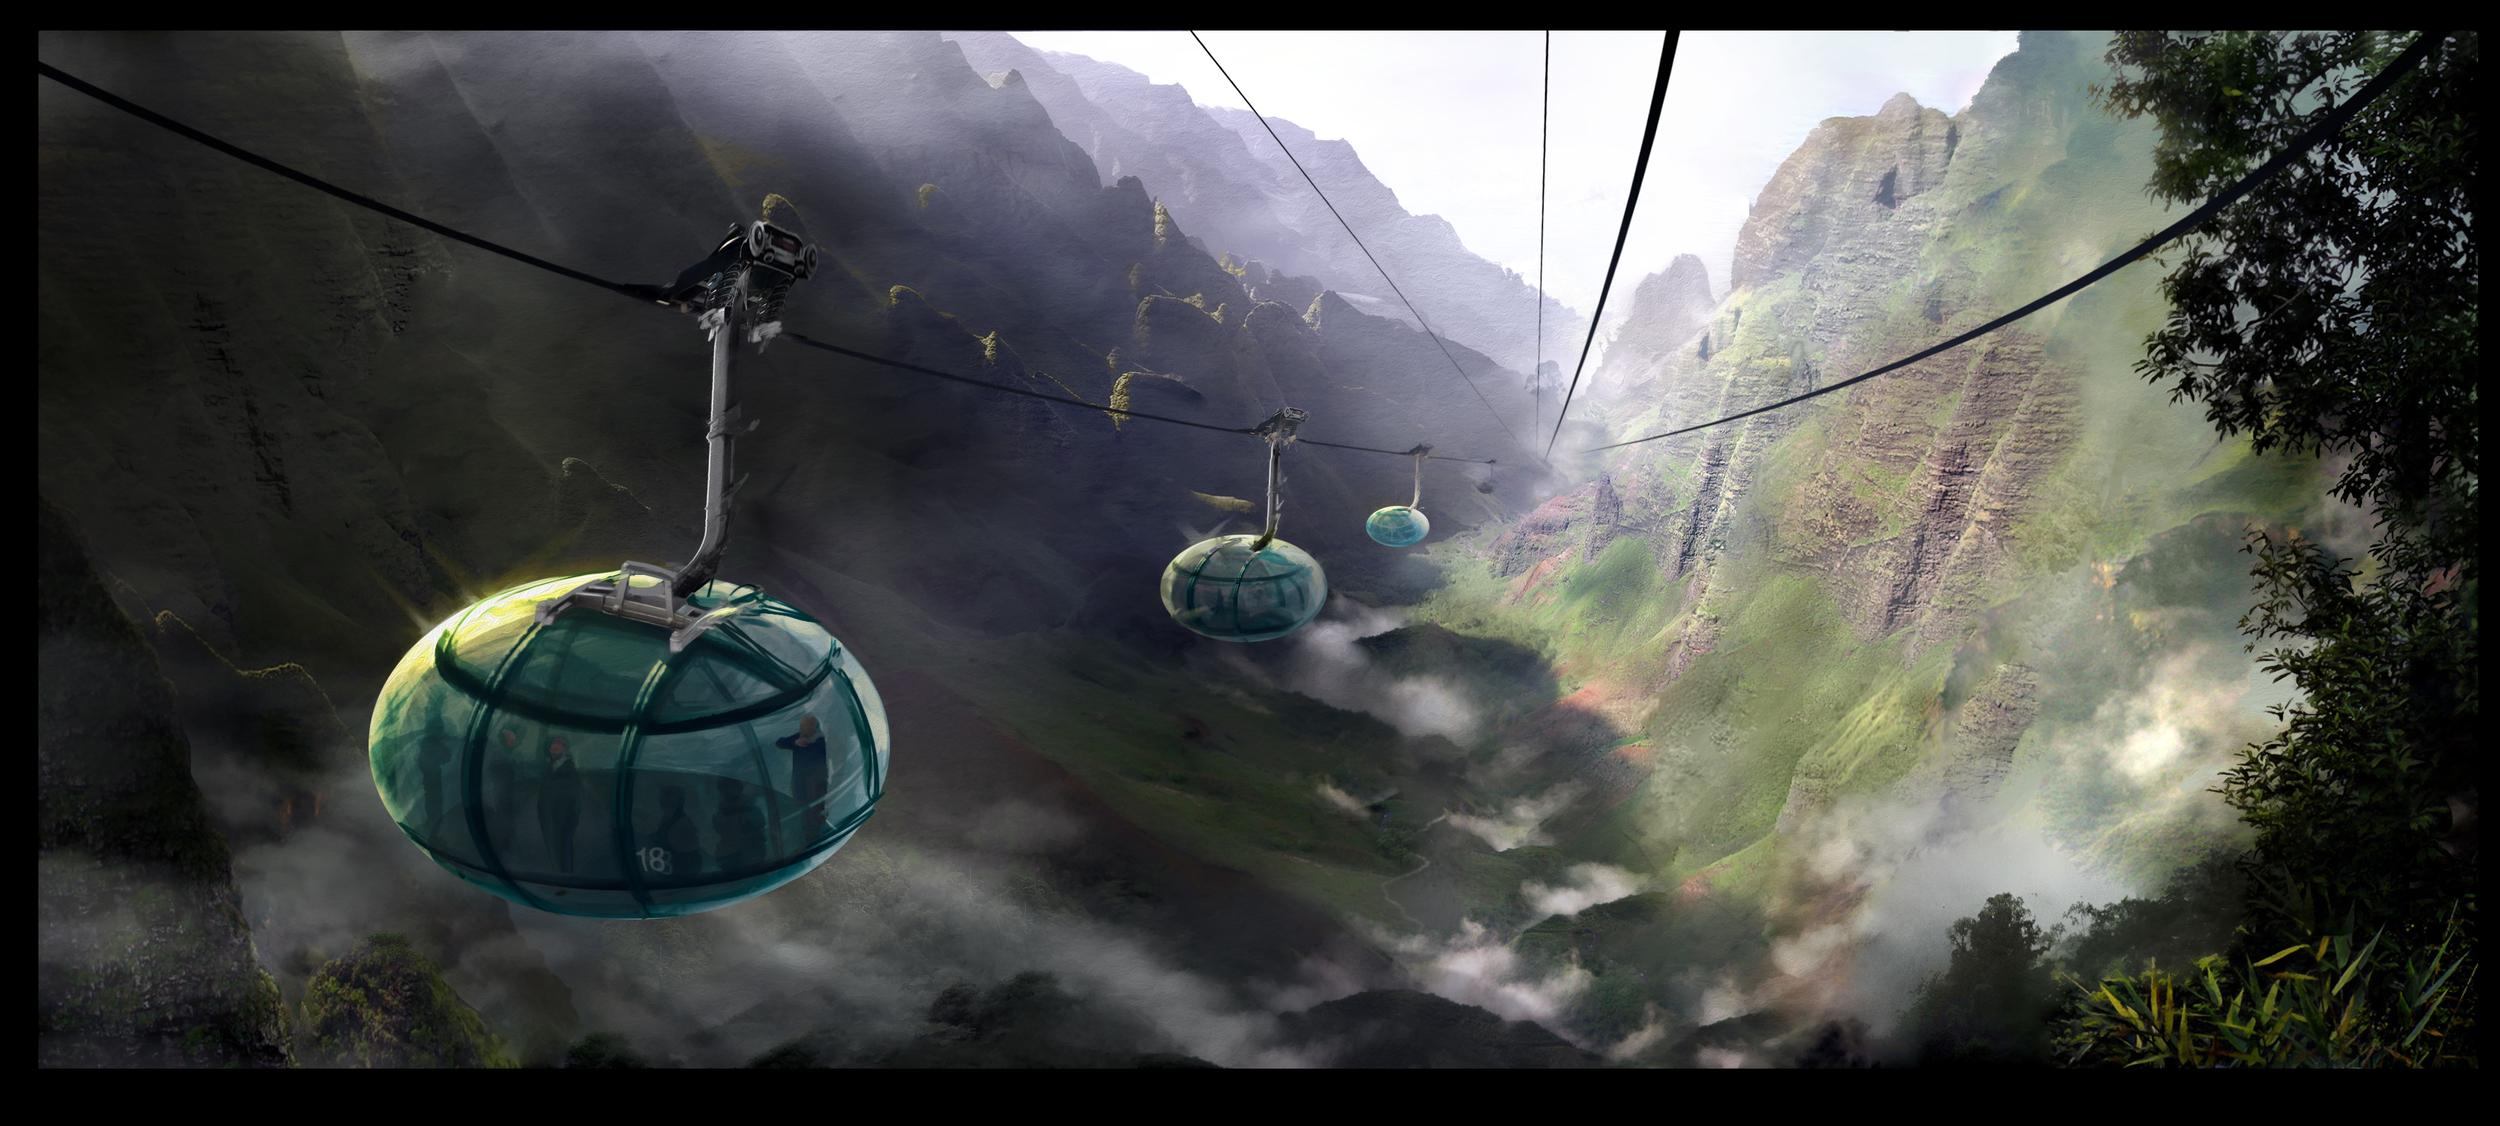 gondola sketch 3.jpg